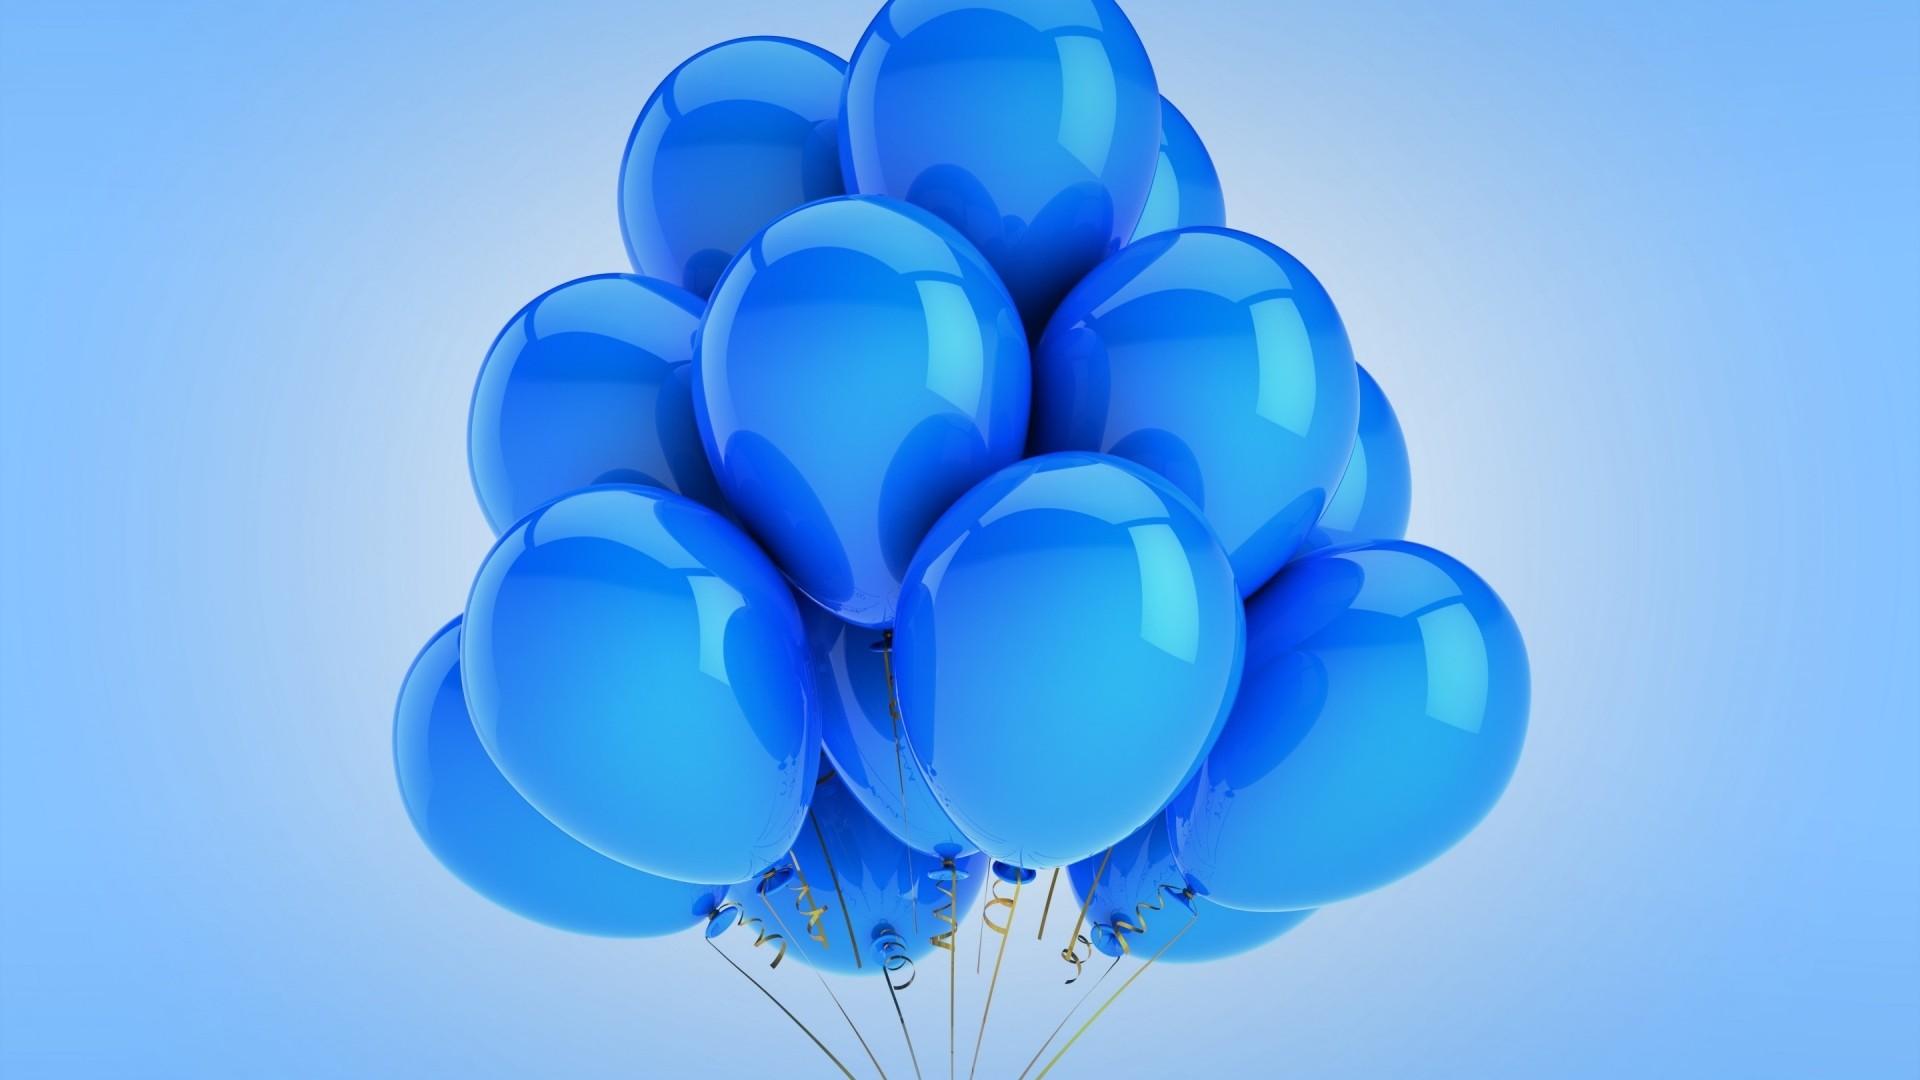 Balloon HD Wallpaper